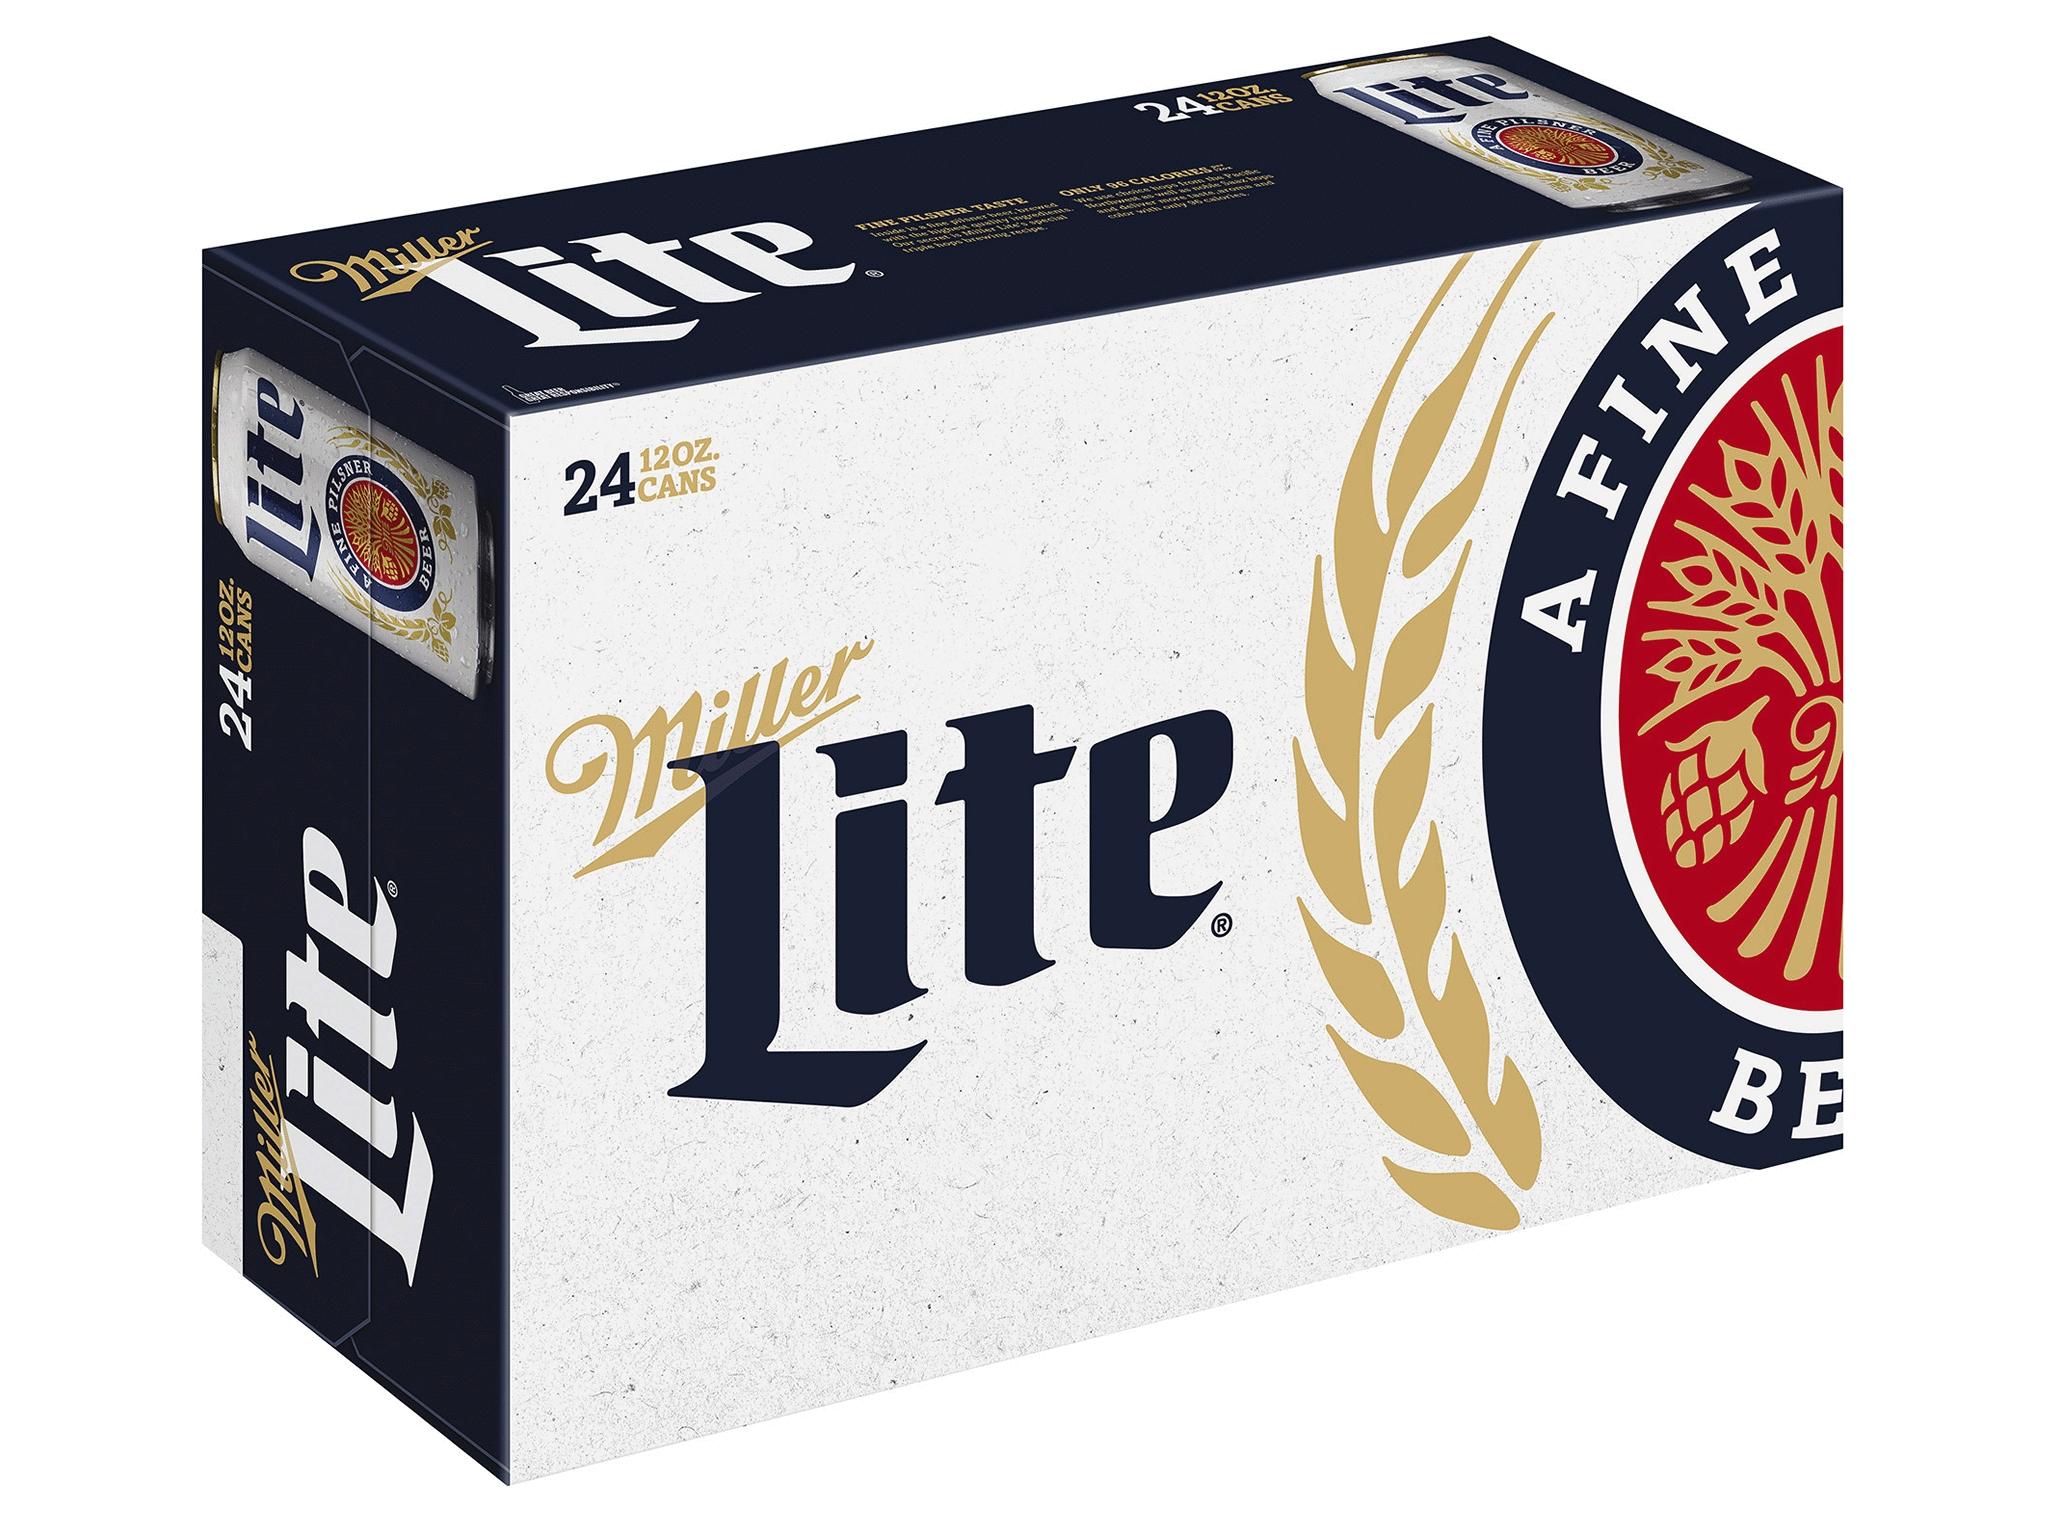 miller lite lager beer 24 pack 12 fl oz cans 4 2 abv